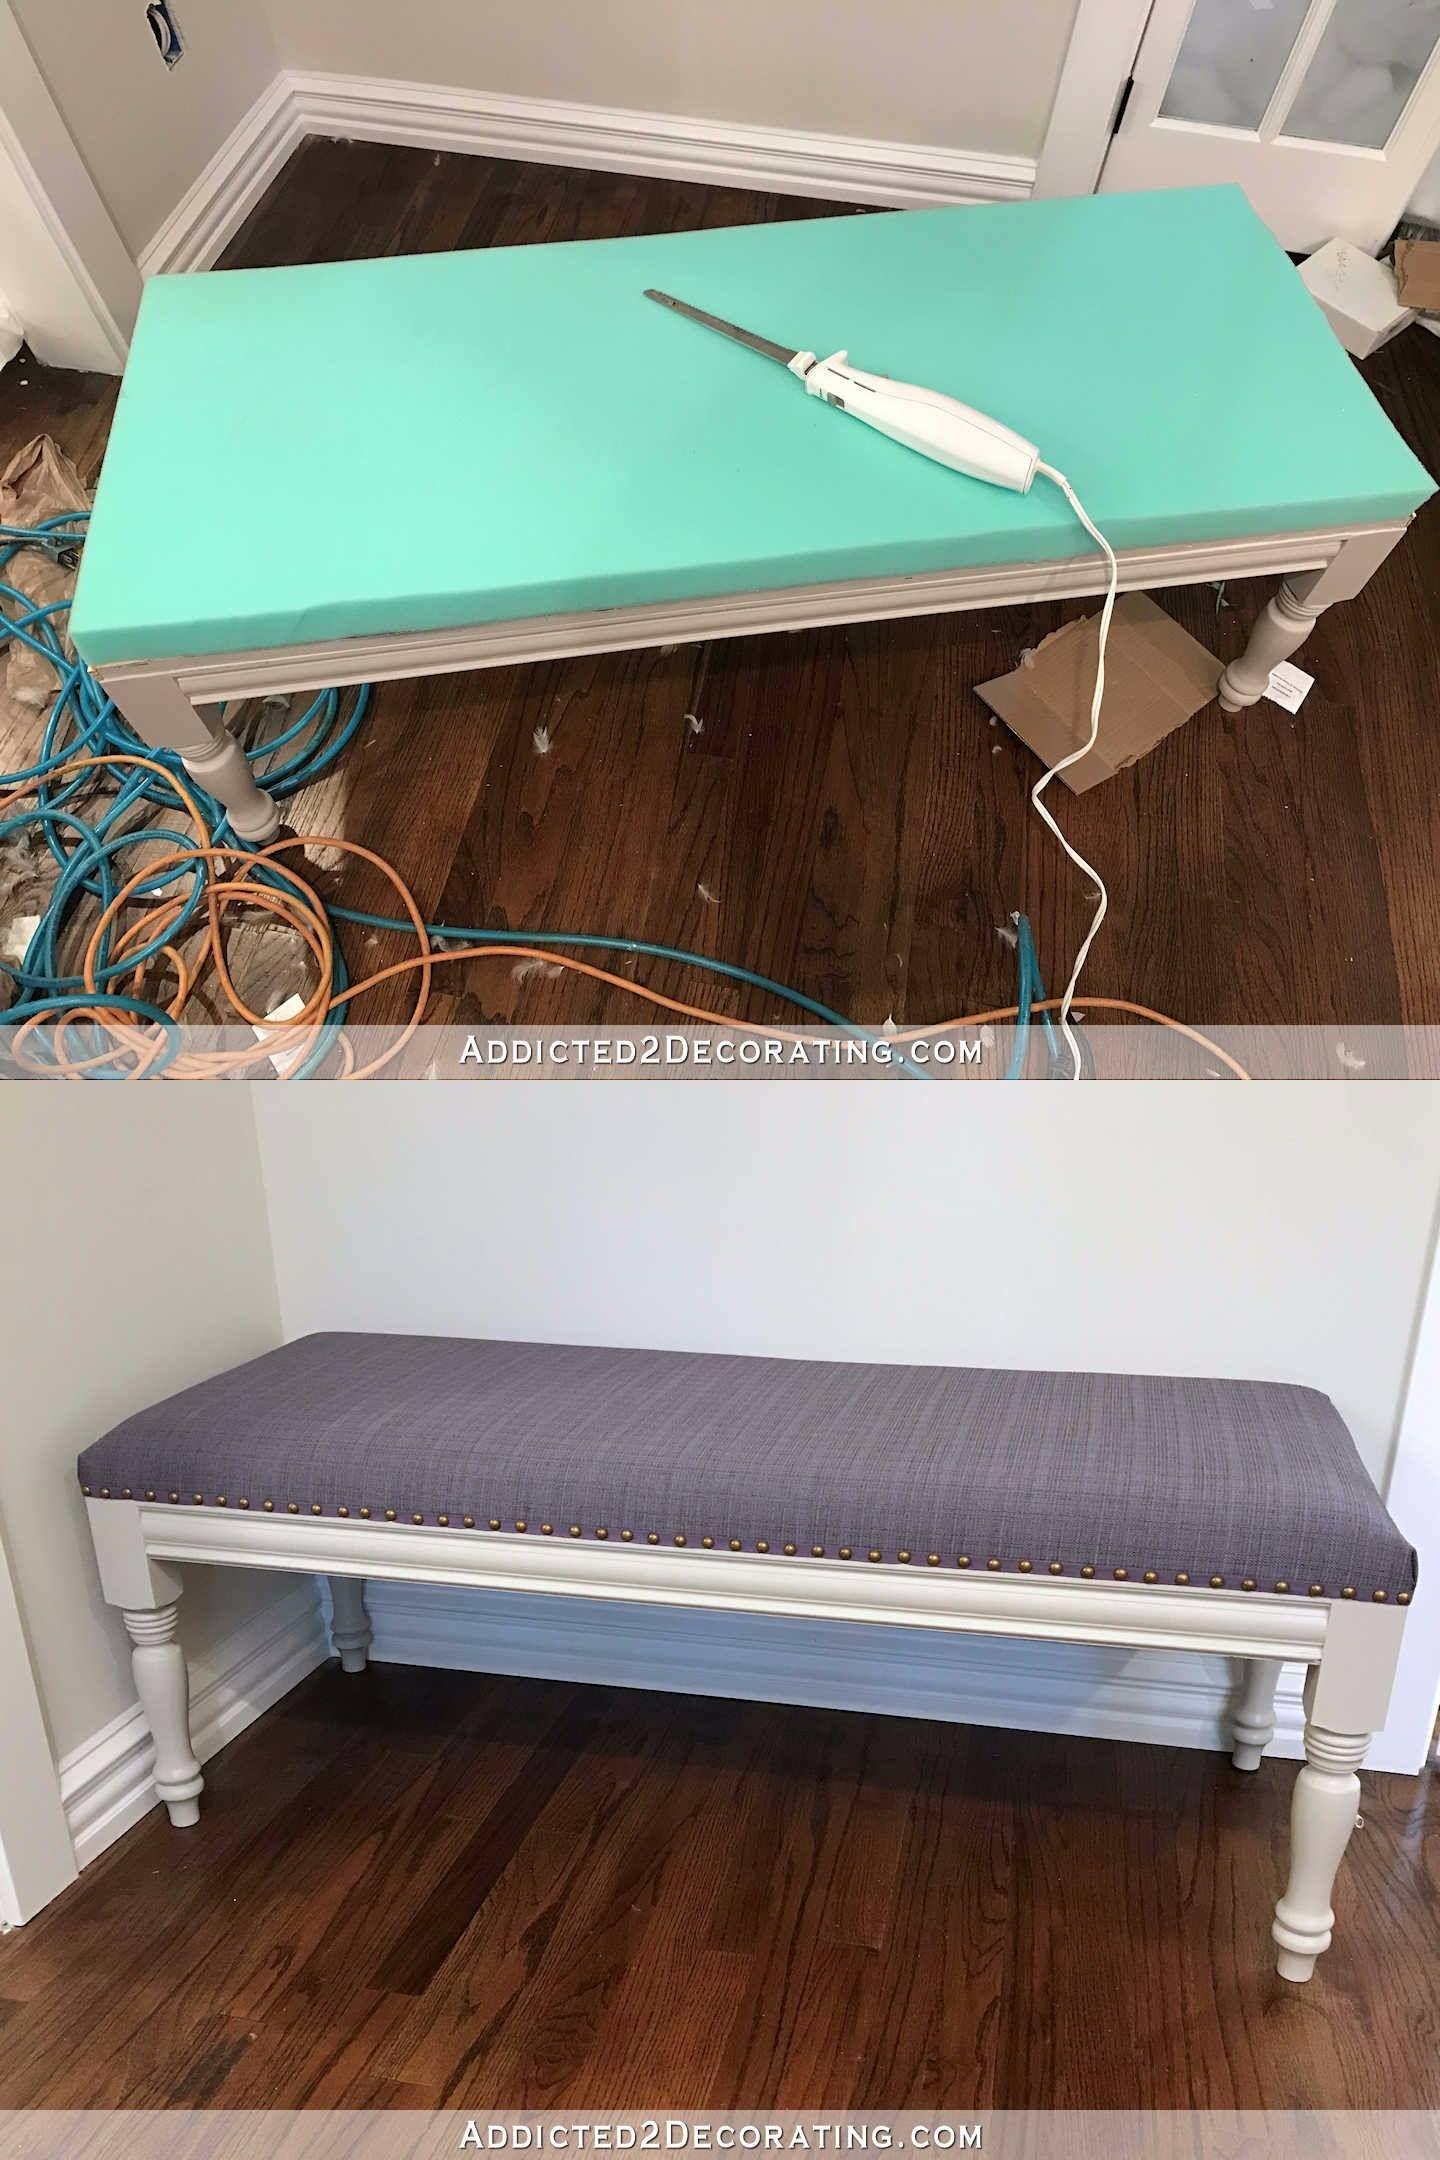 Cómo tapizar un banco de madera | Tapizado, Bancos de madera y Bancos